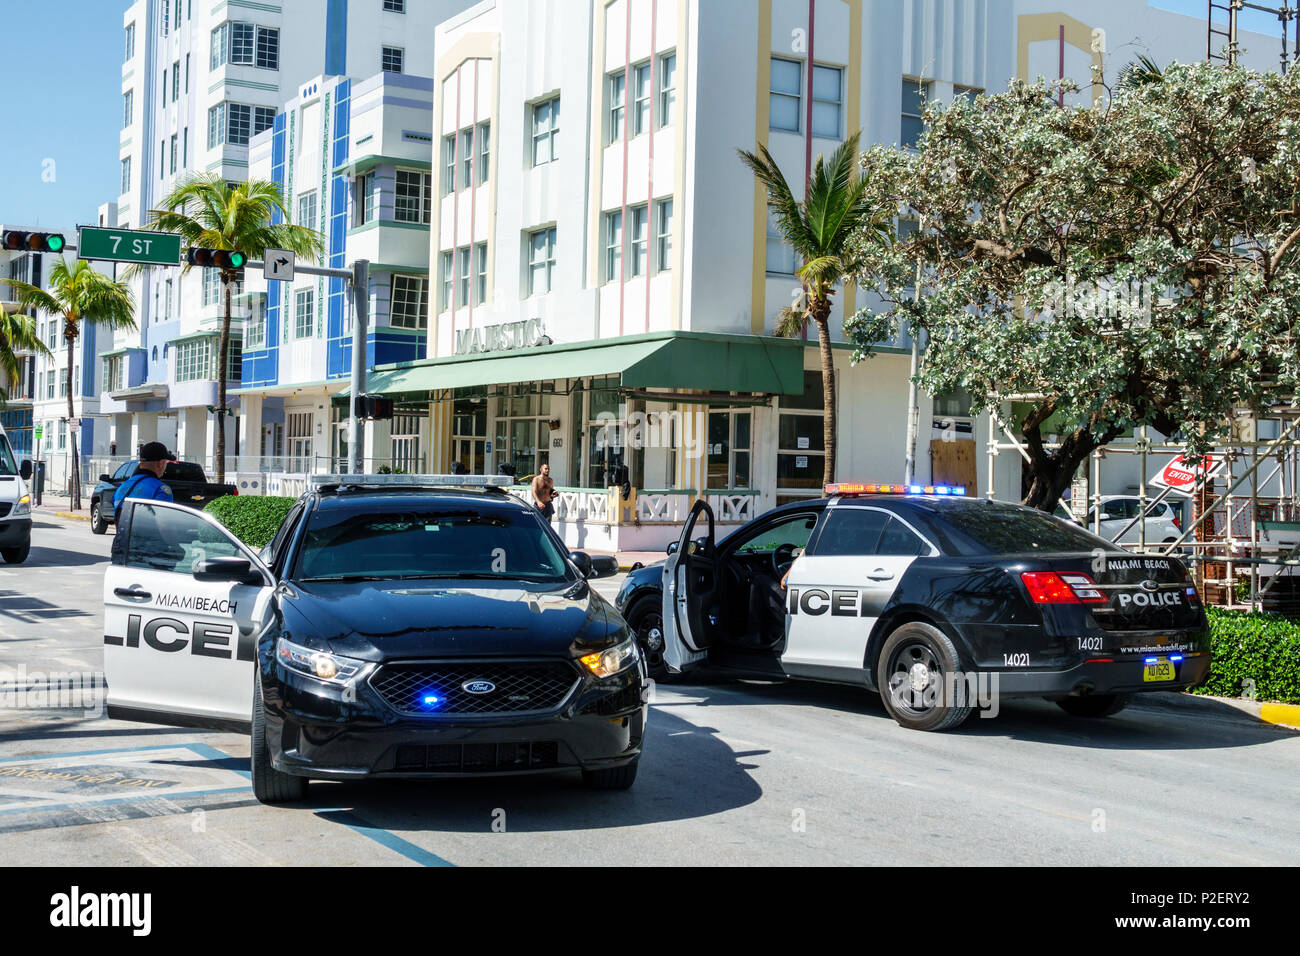 Ocean Drive de Miami Beach Florida coches de policía bloqueando el tráfico hombre oficial de la policía de seguridad pública Imagen De Stock